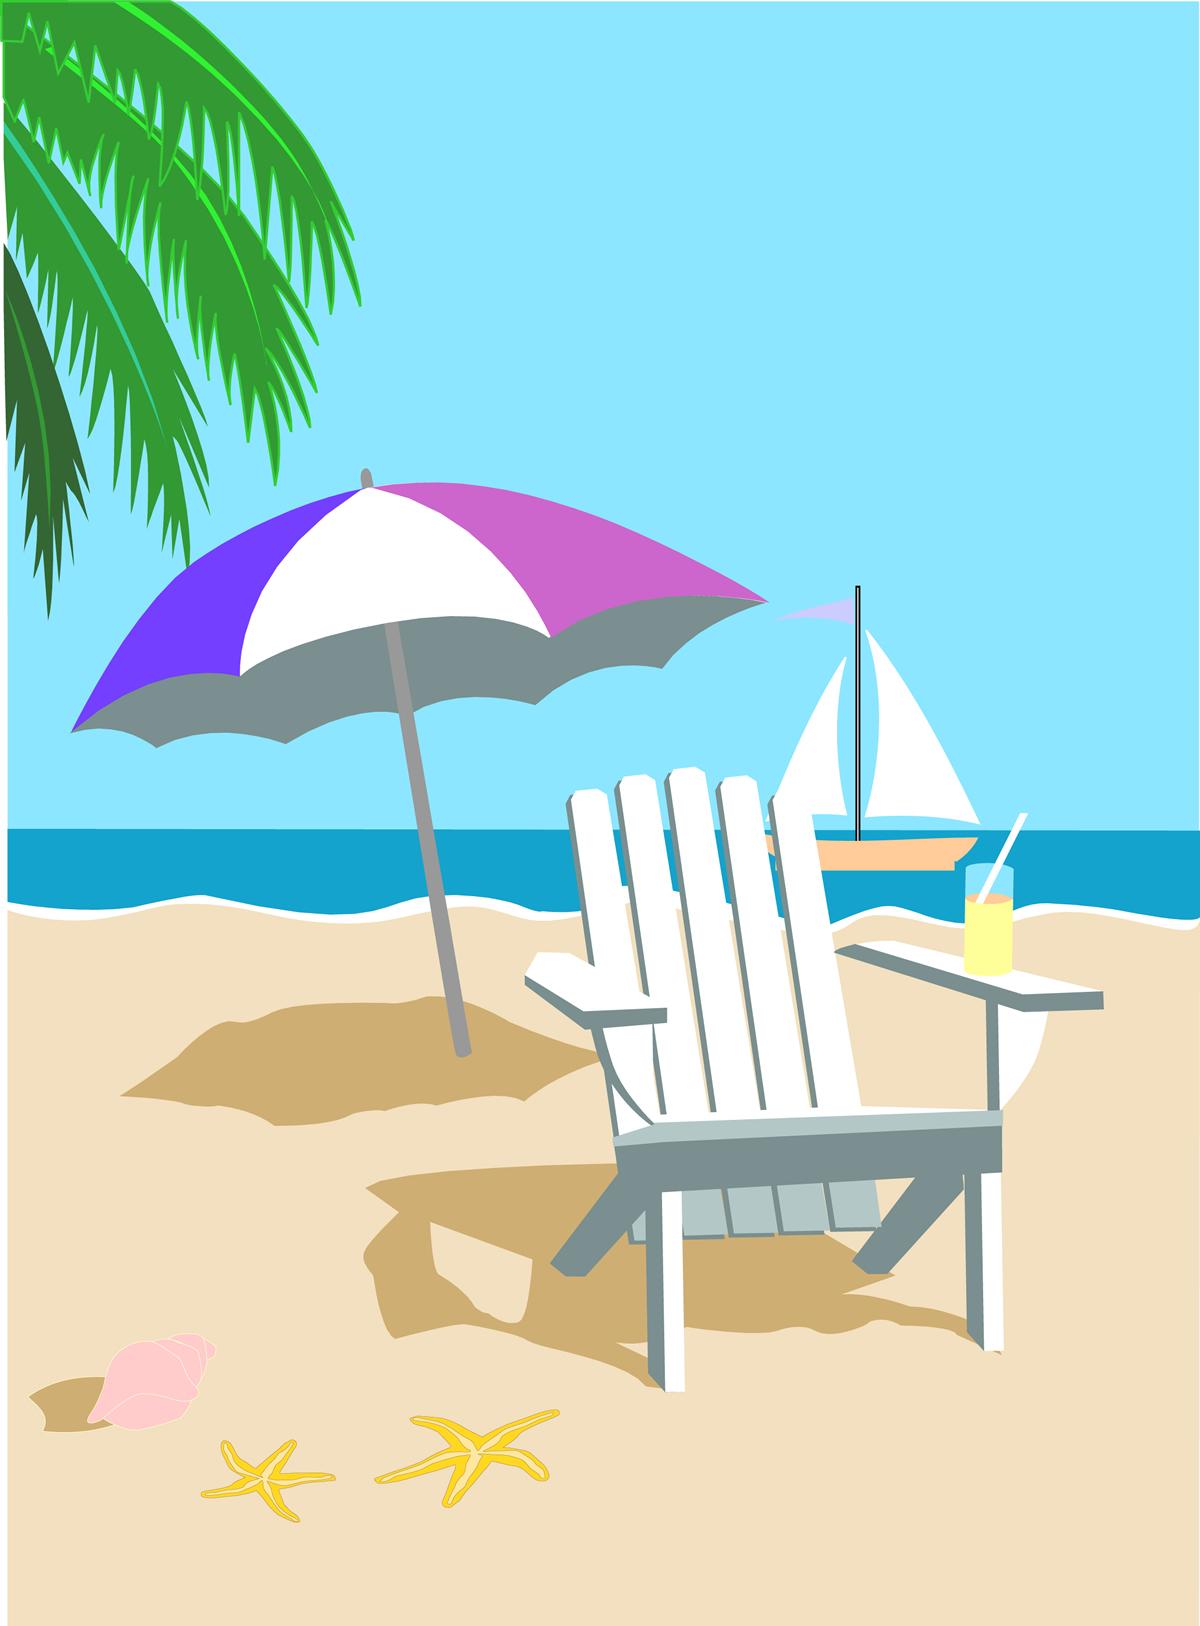 & art A At beach